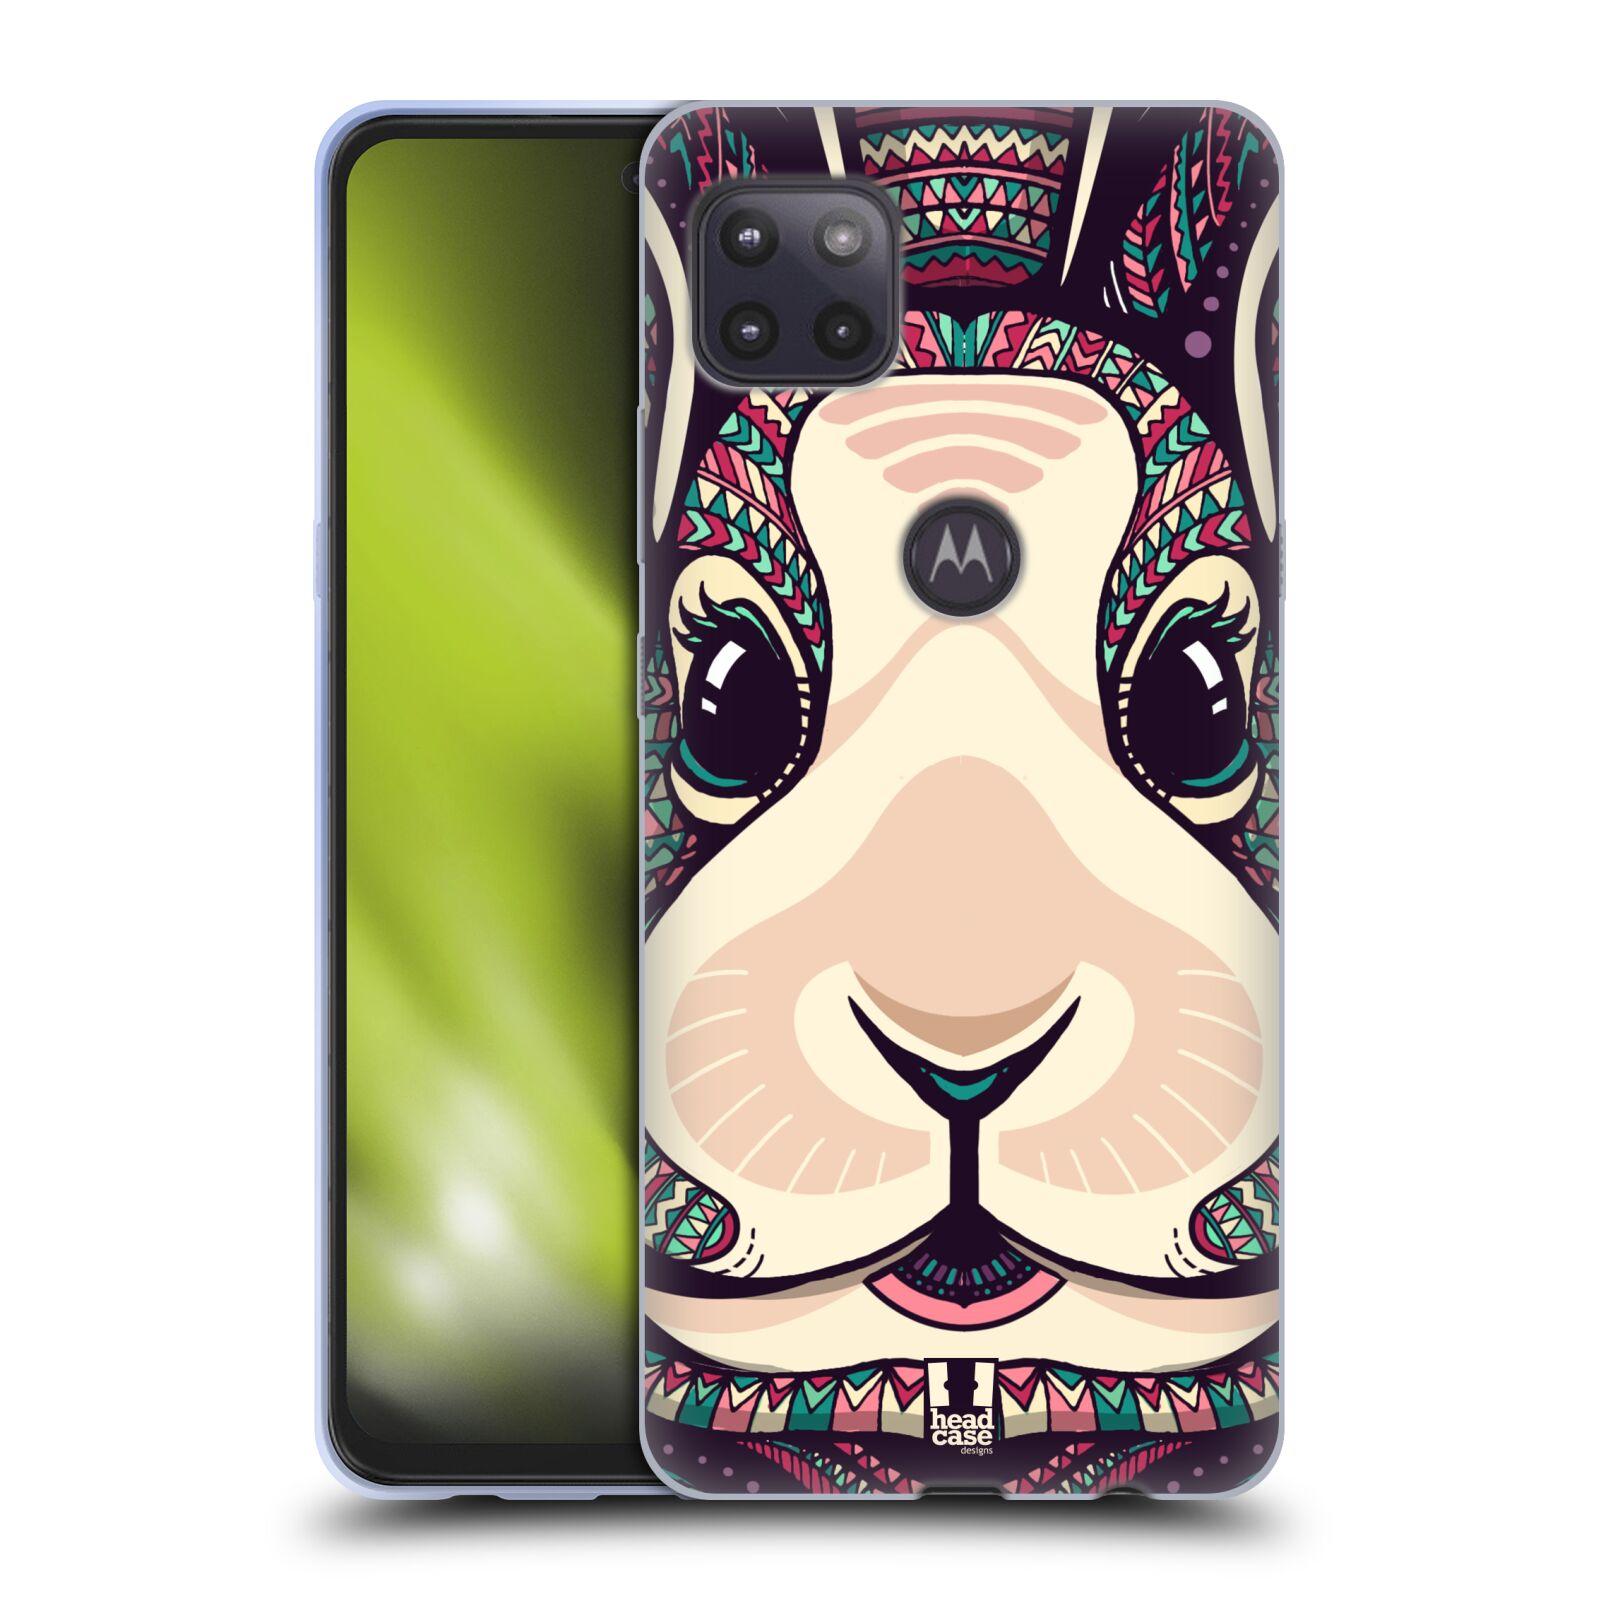 Silikonové pouzdro na mobil Motorola Moto G 5G - Head Case - AZTEC ZAJÍČEK